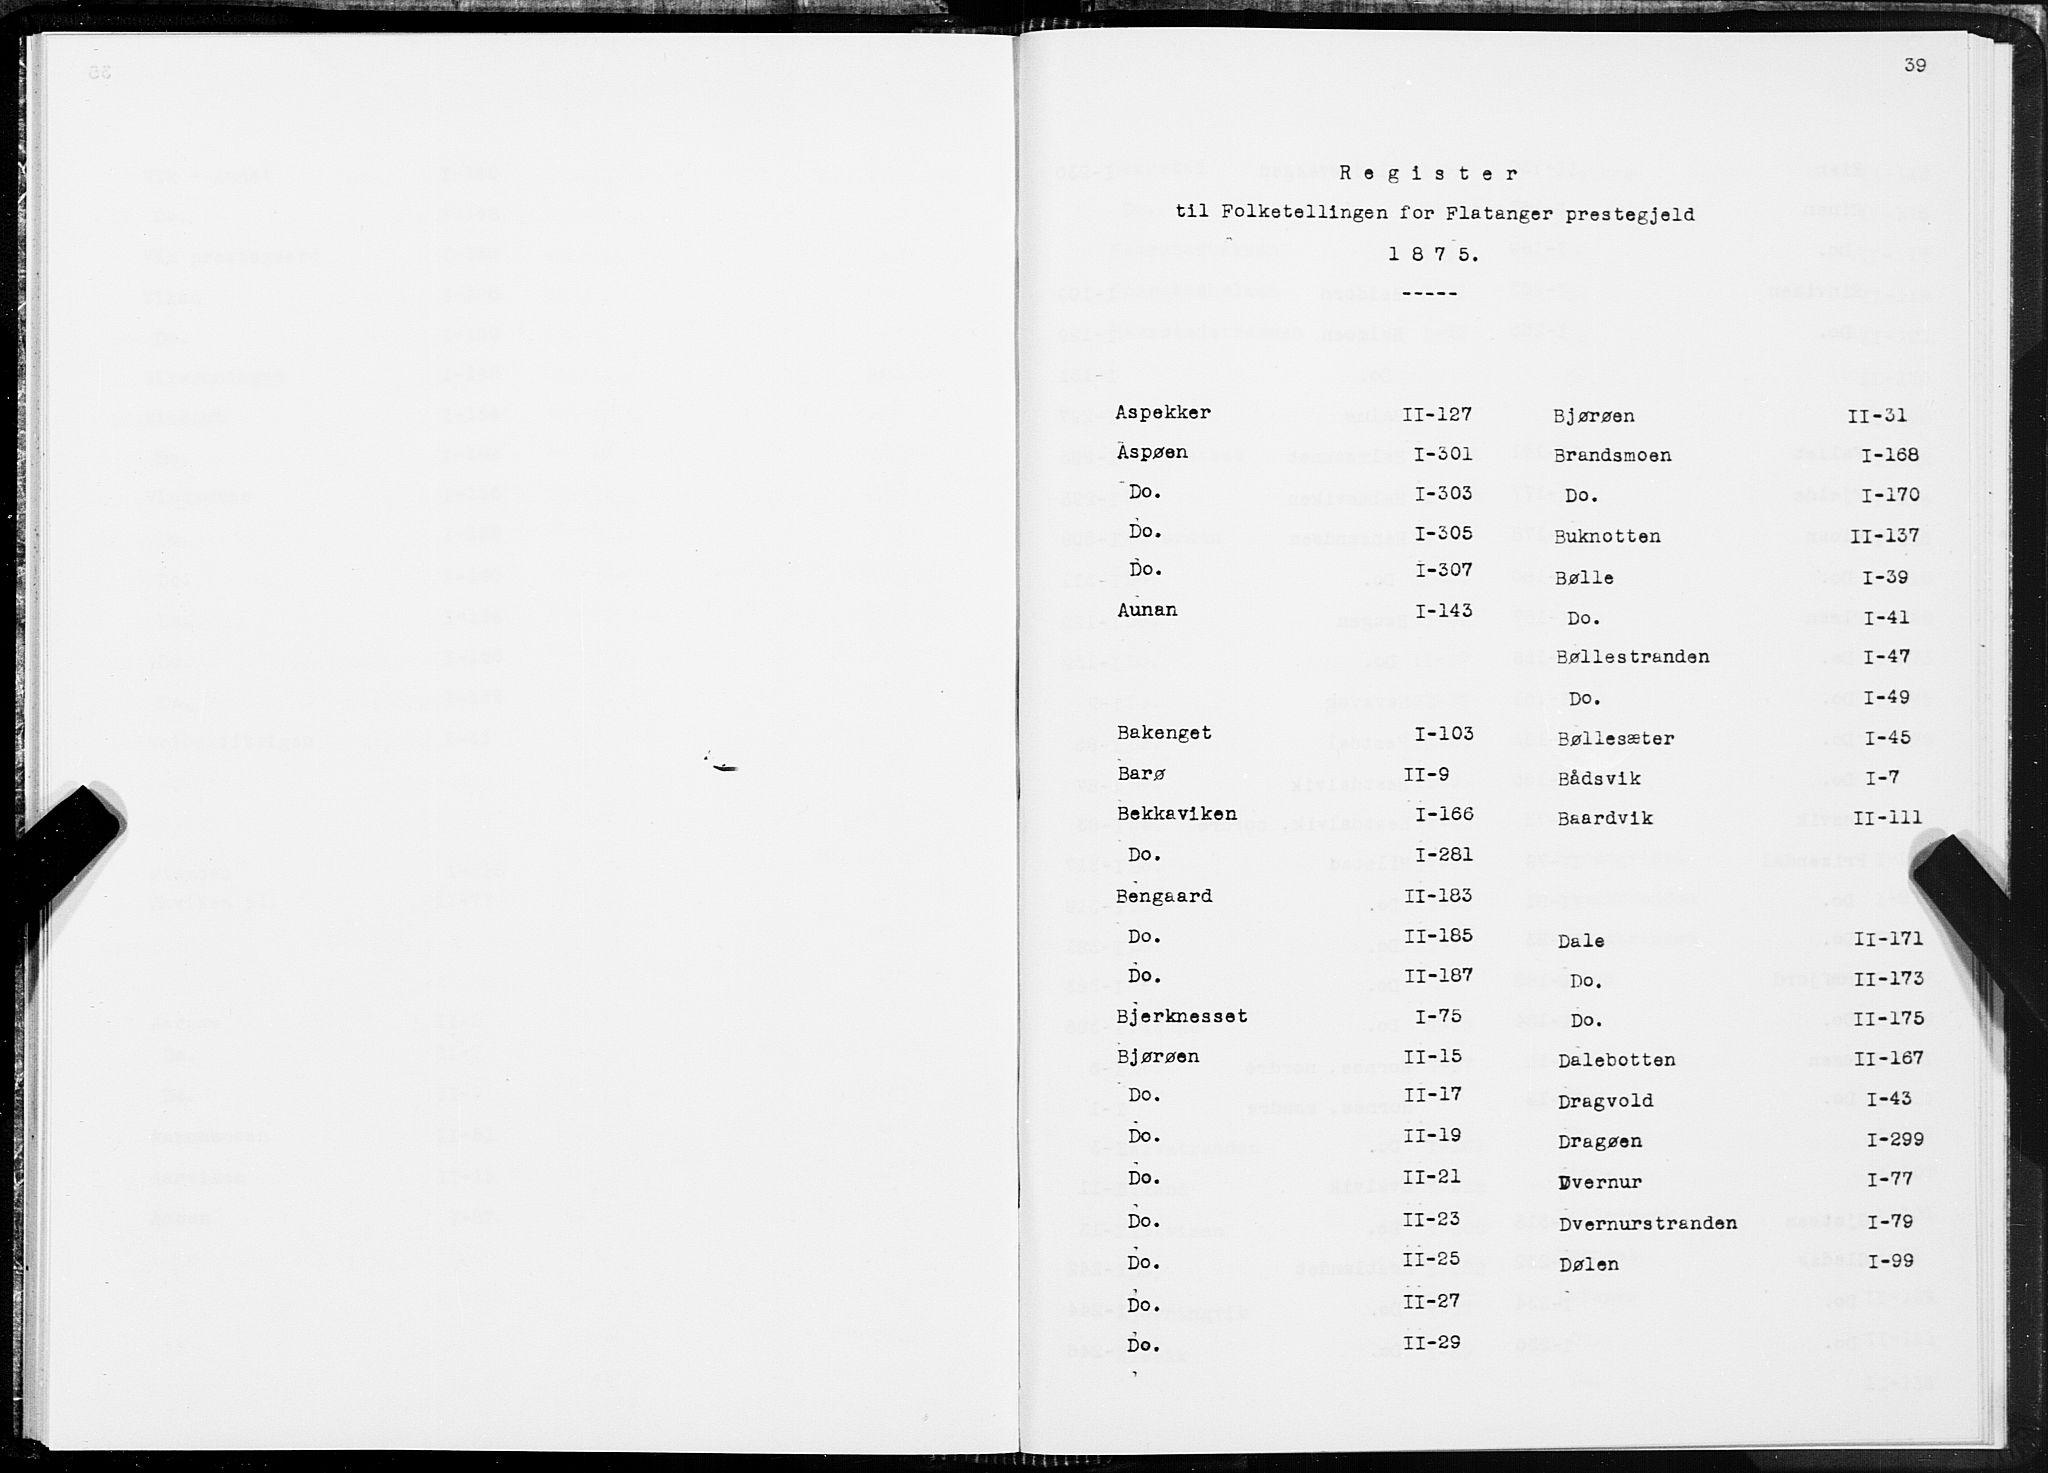 SAT, Folketelling 1875 for 1749P Flatanger prestegjeld, 1875, s. 39